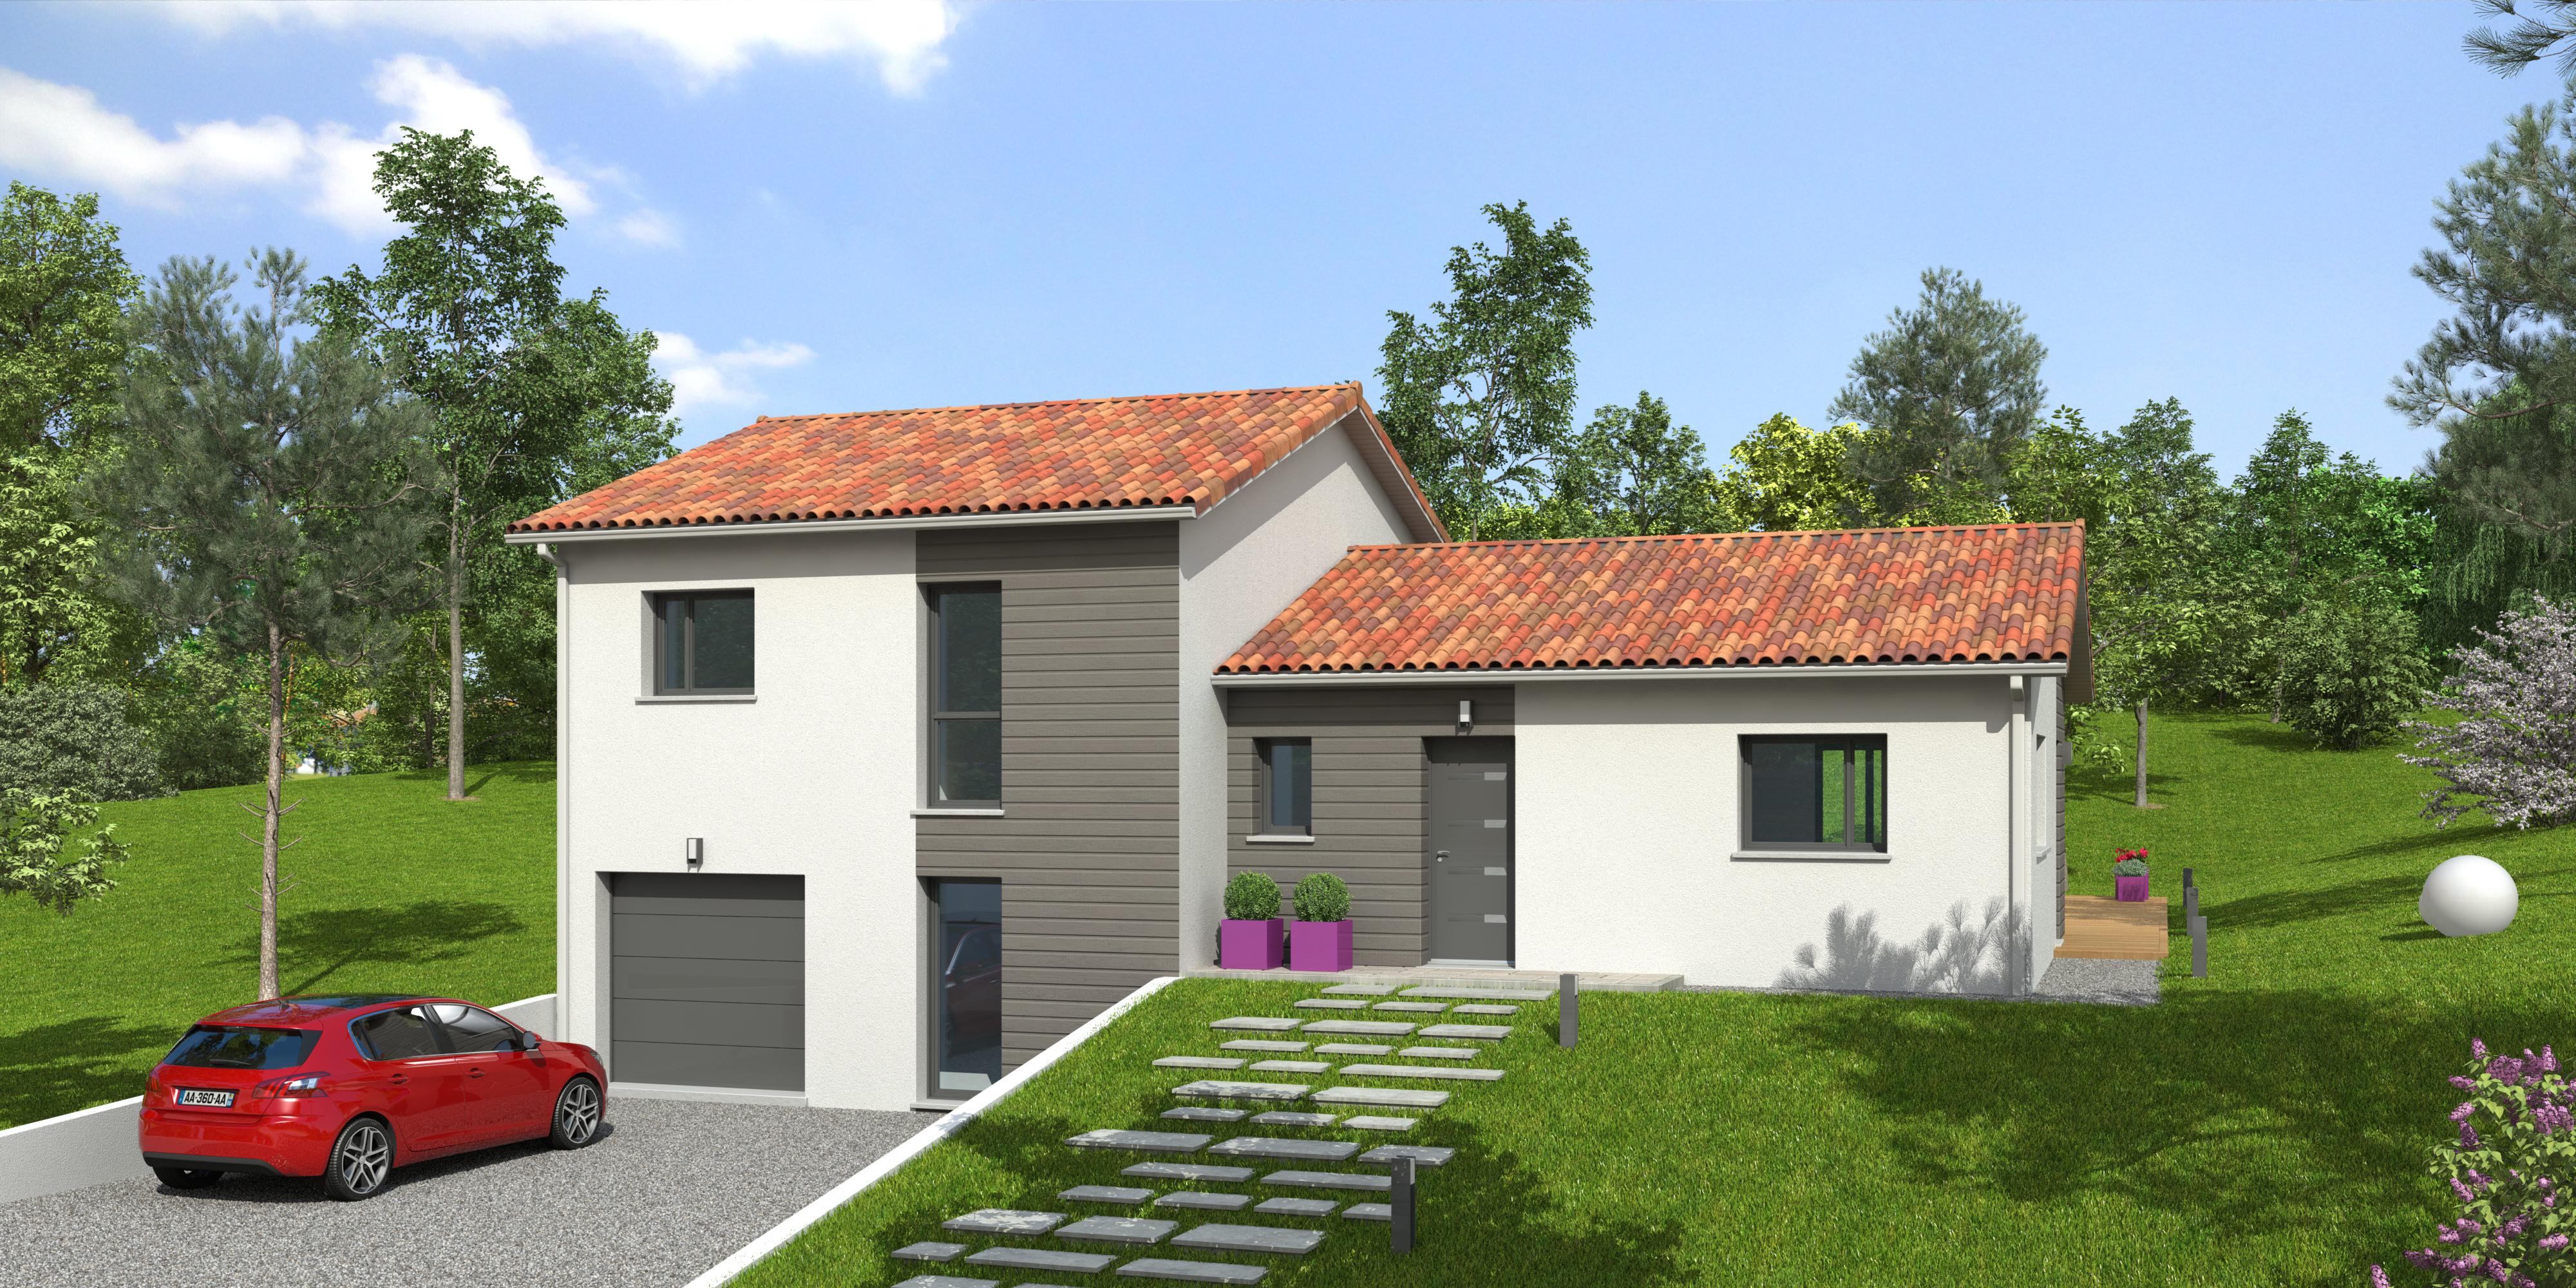 Maisons du constructeur NATILIA • 108 m² • LES ARDILLATS